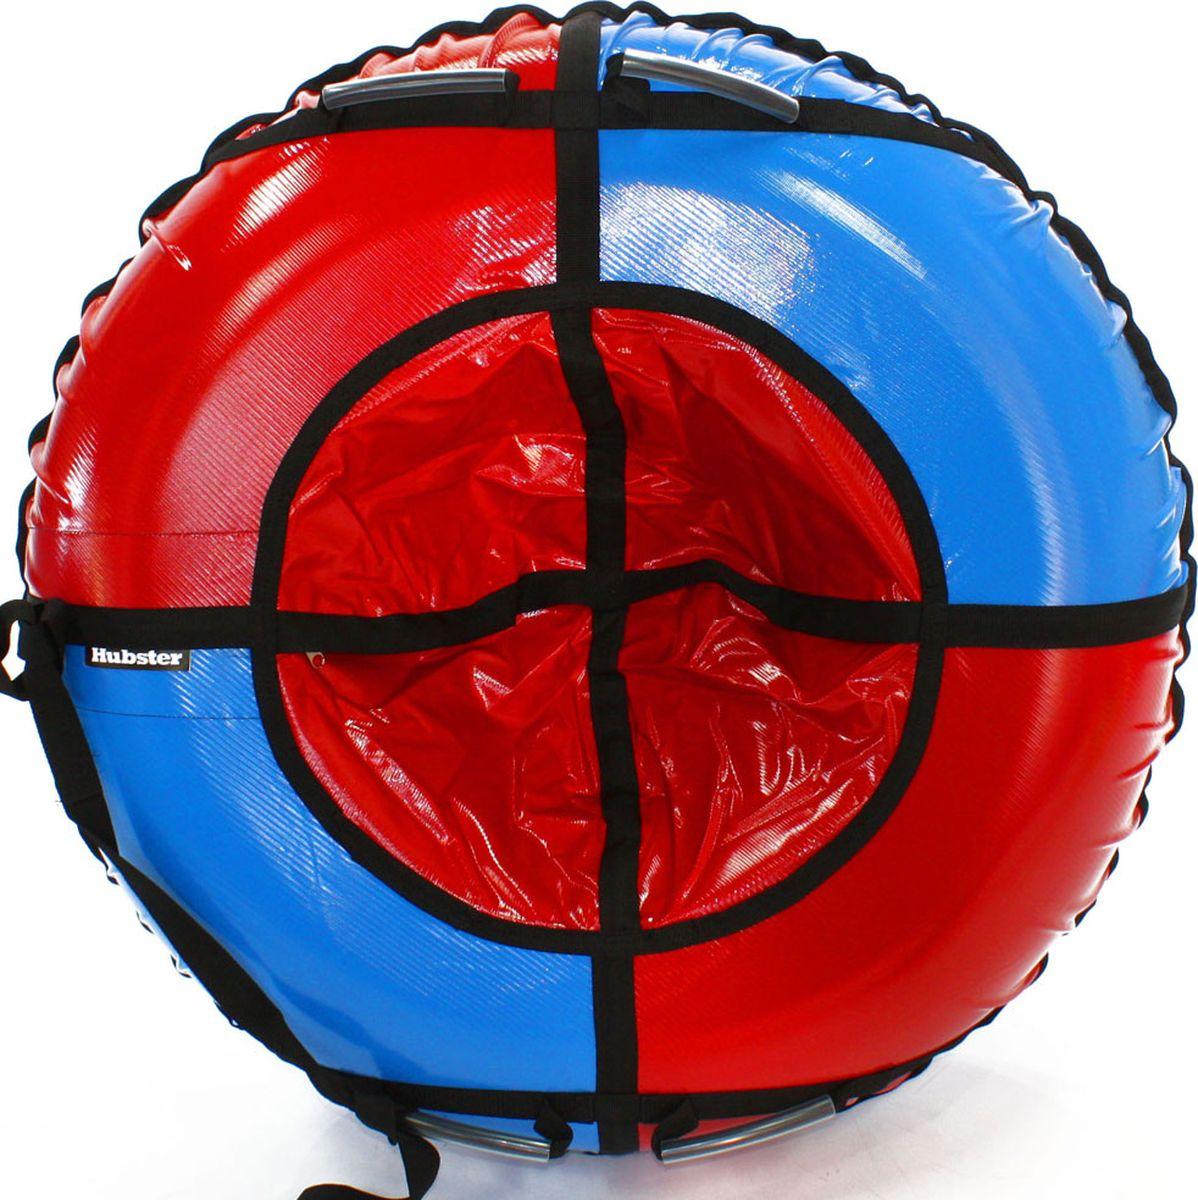 Тюбинг Hubster Sport Plus, цвет: красный, синий, диаметр 120 смво4188-2